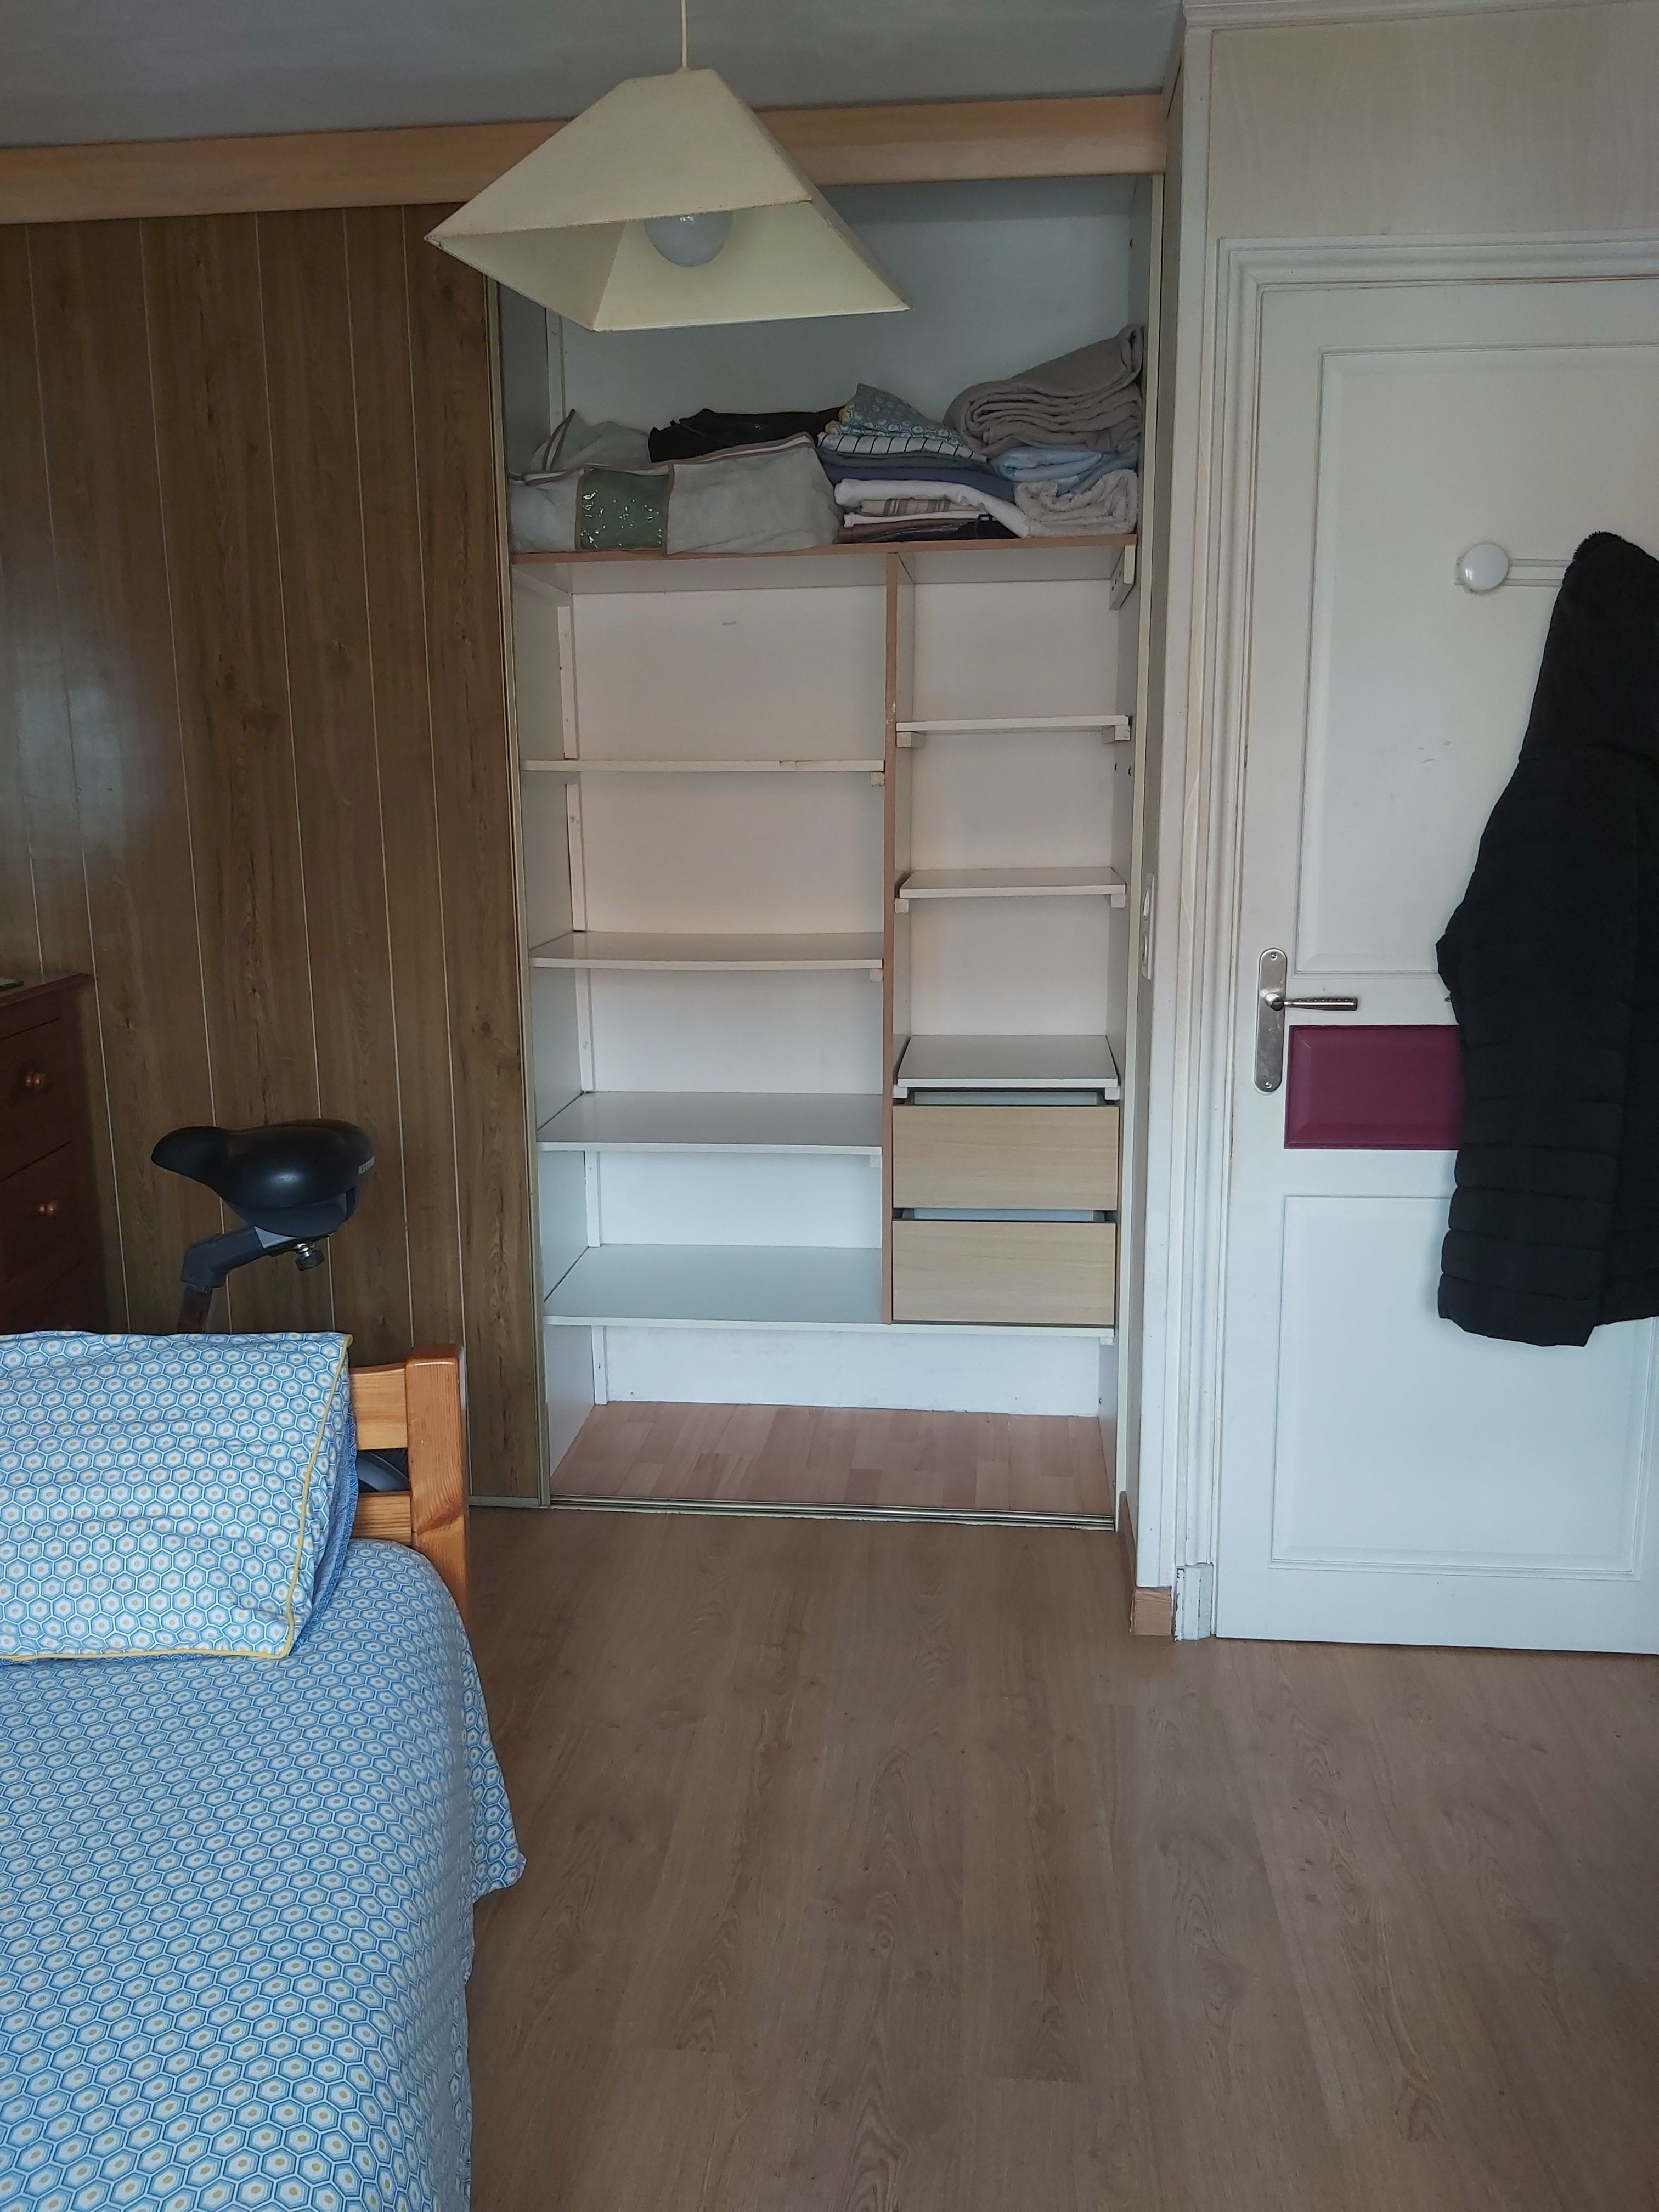 Chambre-Colocation   & Location Chambre à louer     Loue chambre meublée     Logement